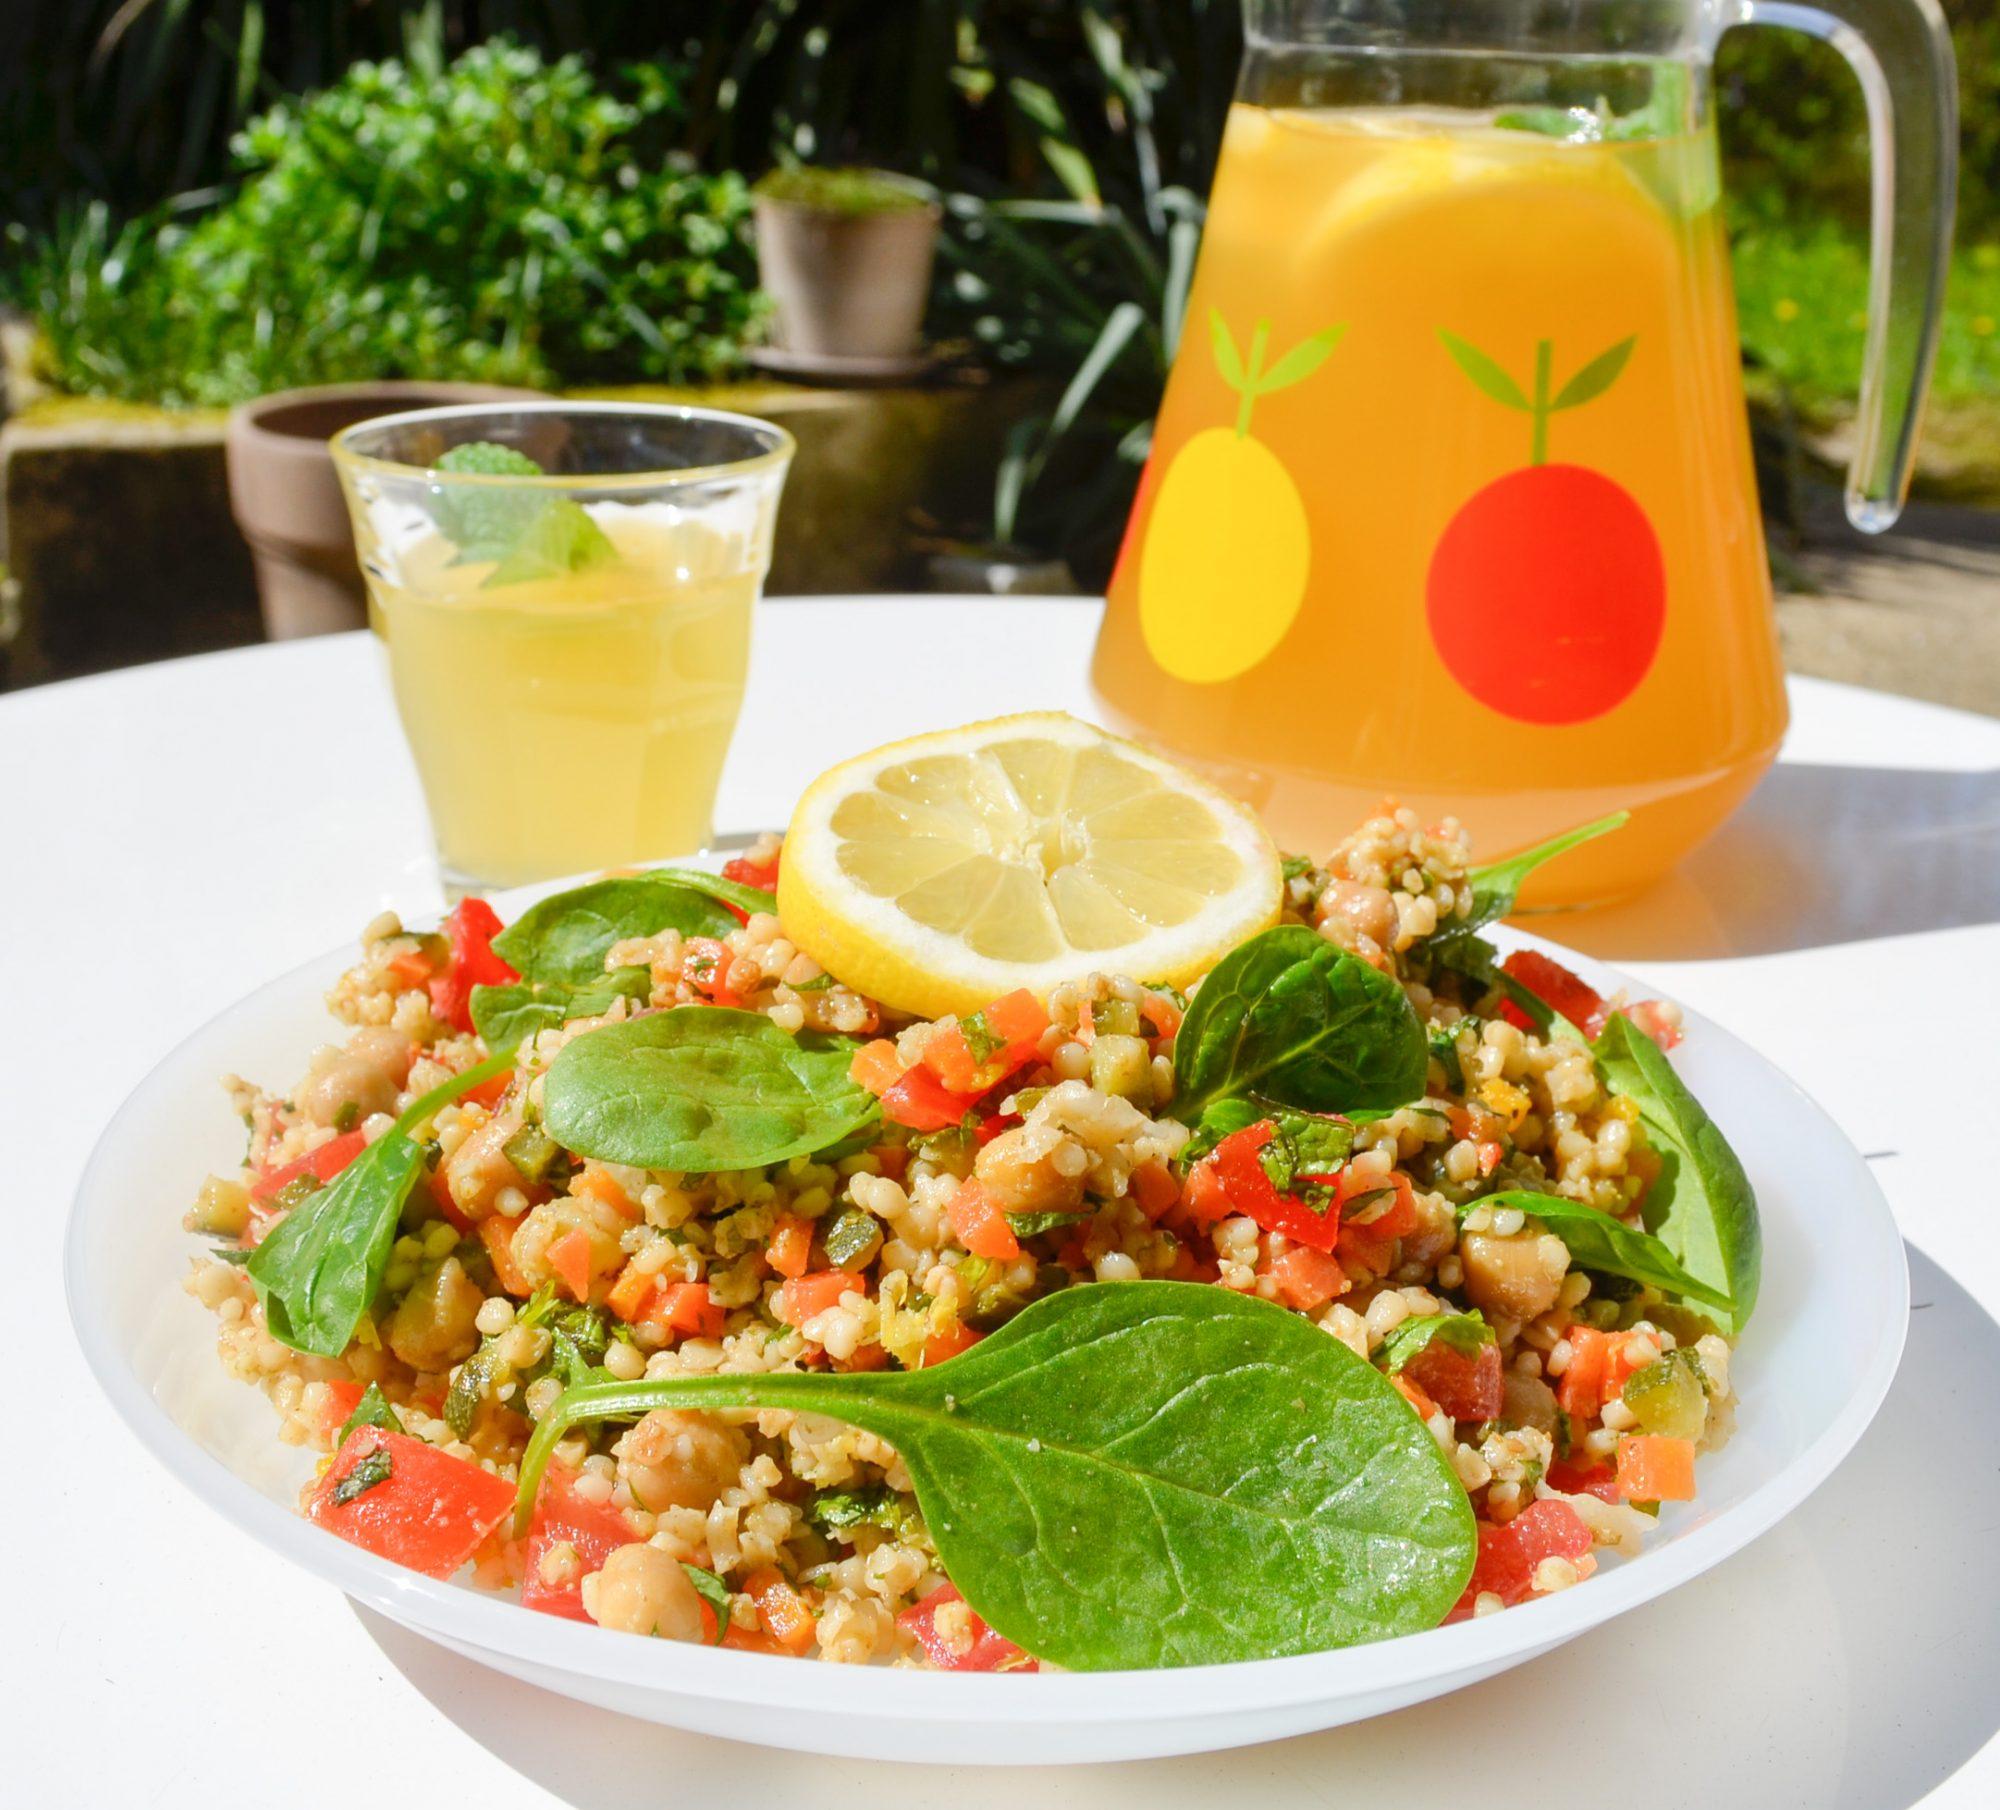 sunshine-tabbouleh-boulghour-petits-legumes-confits-arcopal-taboule